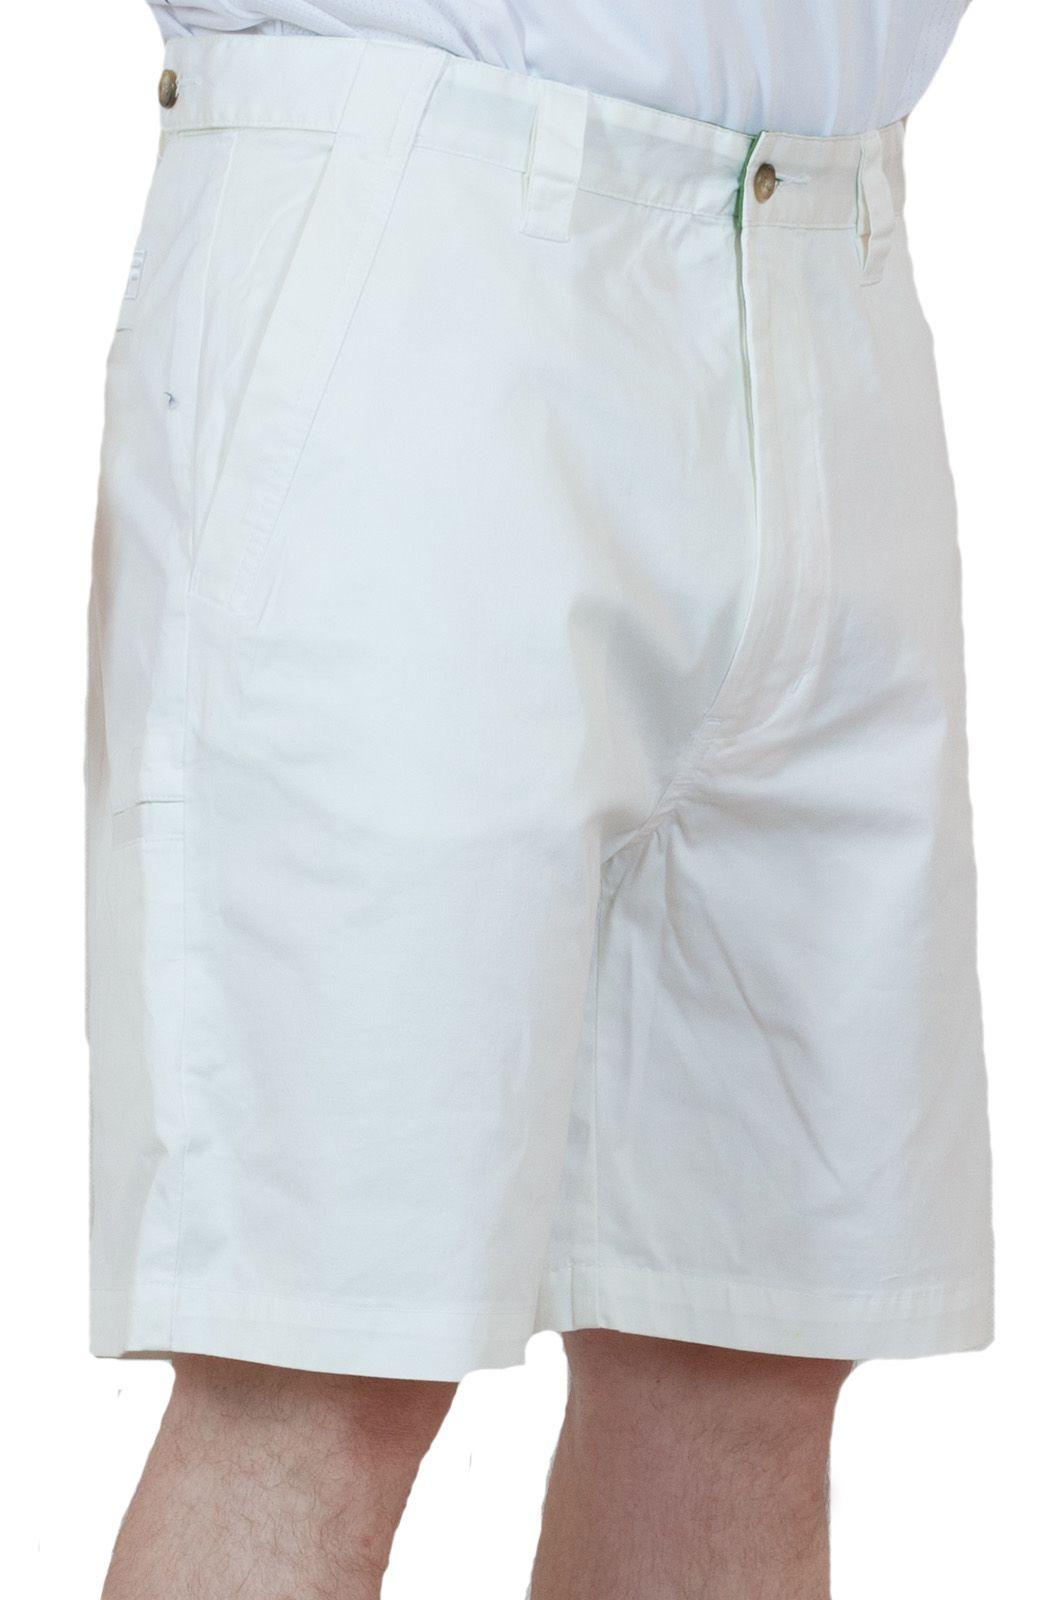 Белые мужские шорты для летнего отпуска - вид сбоку